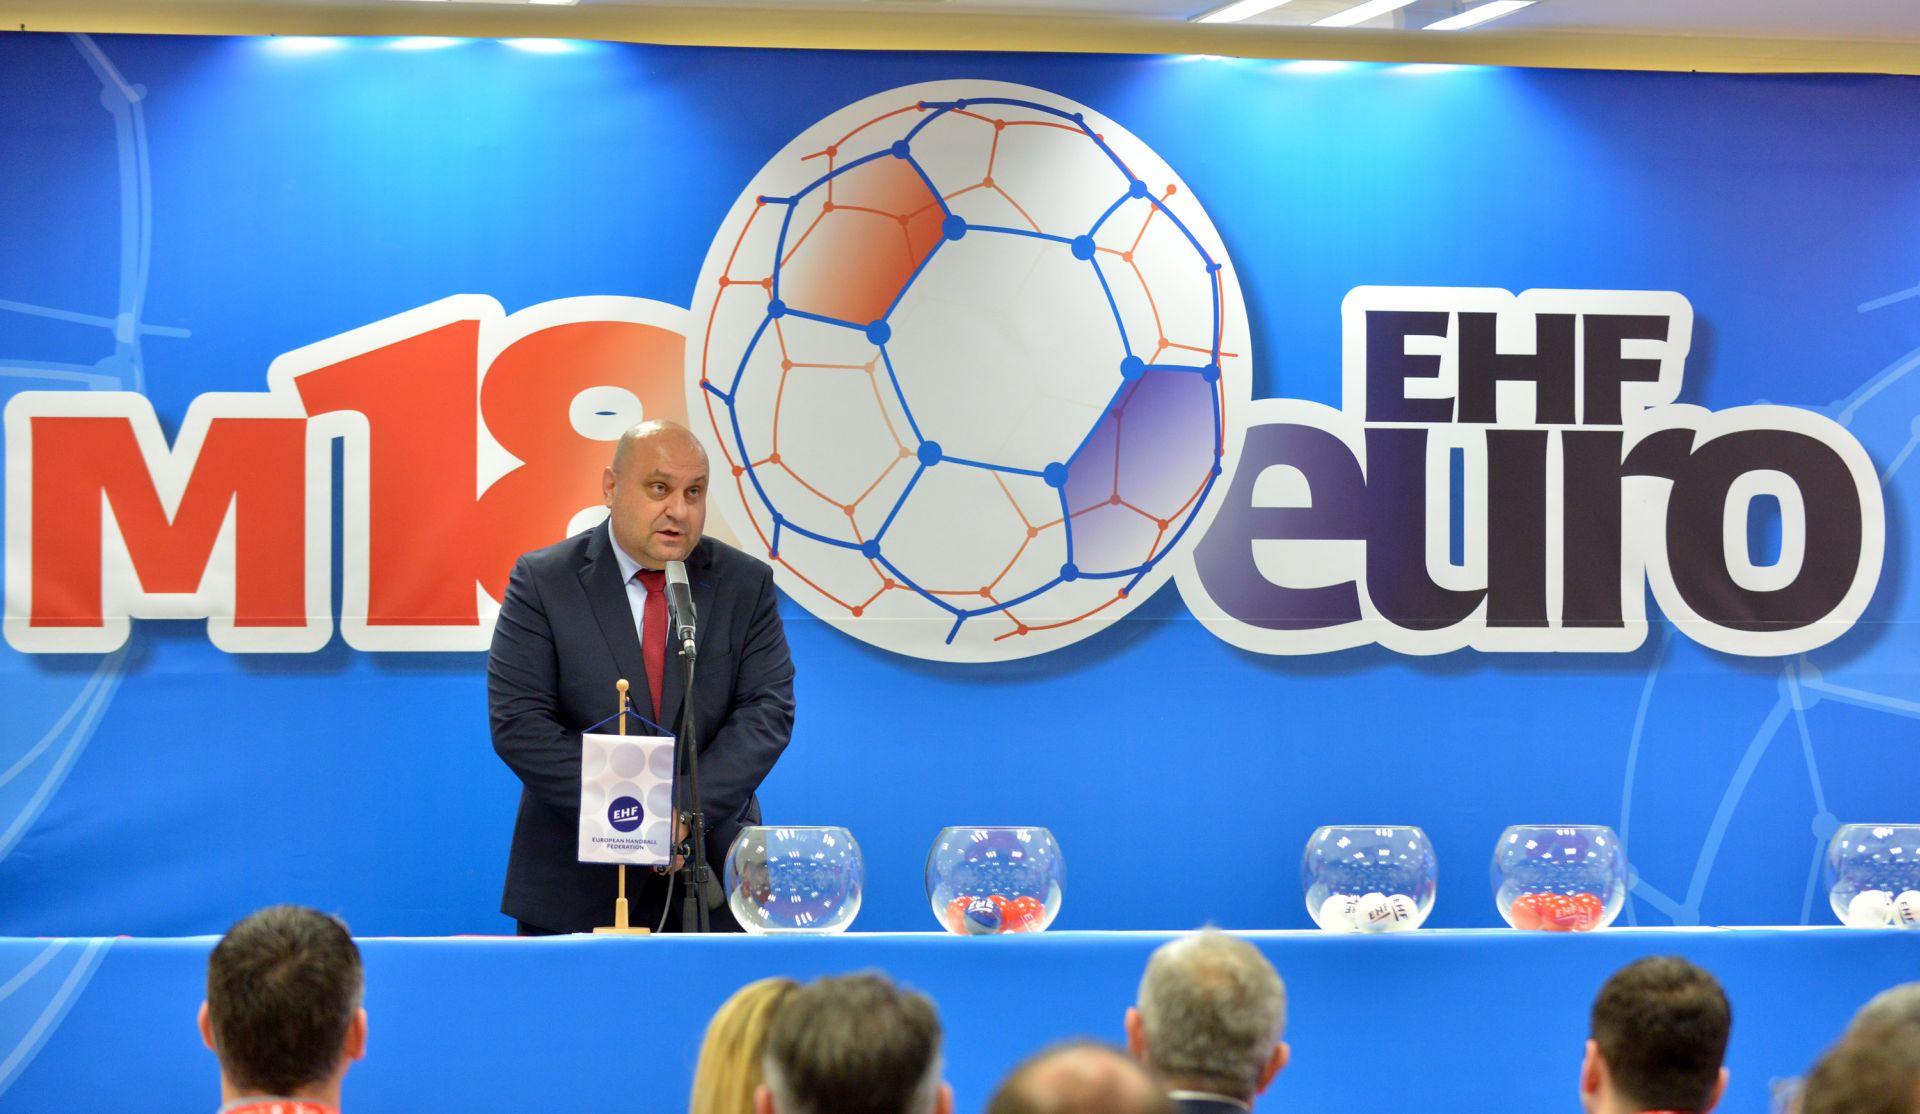 EHF pohvalio Hrvatsku kao domaćina